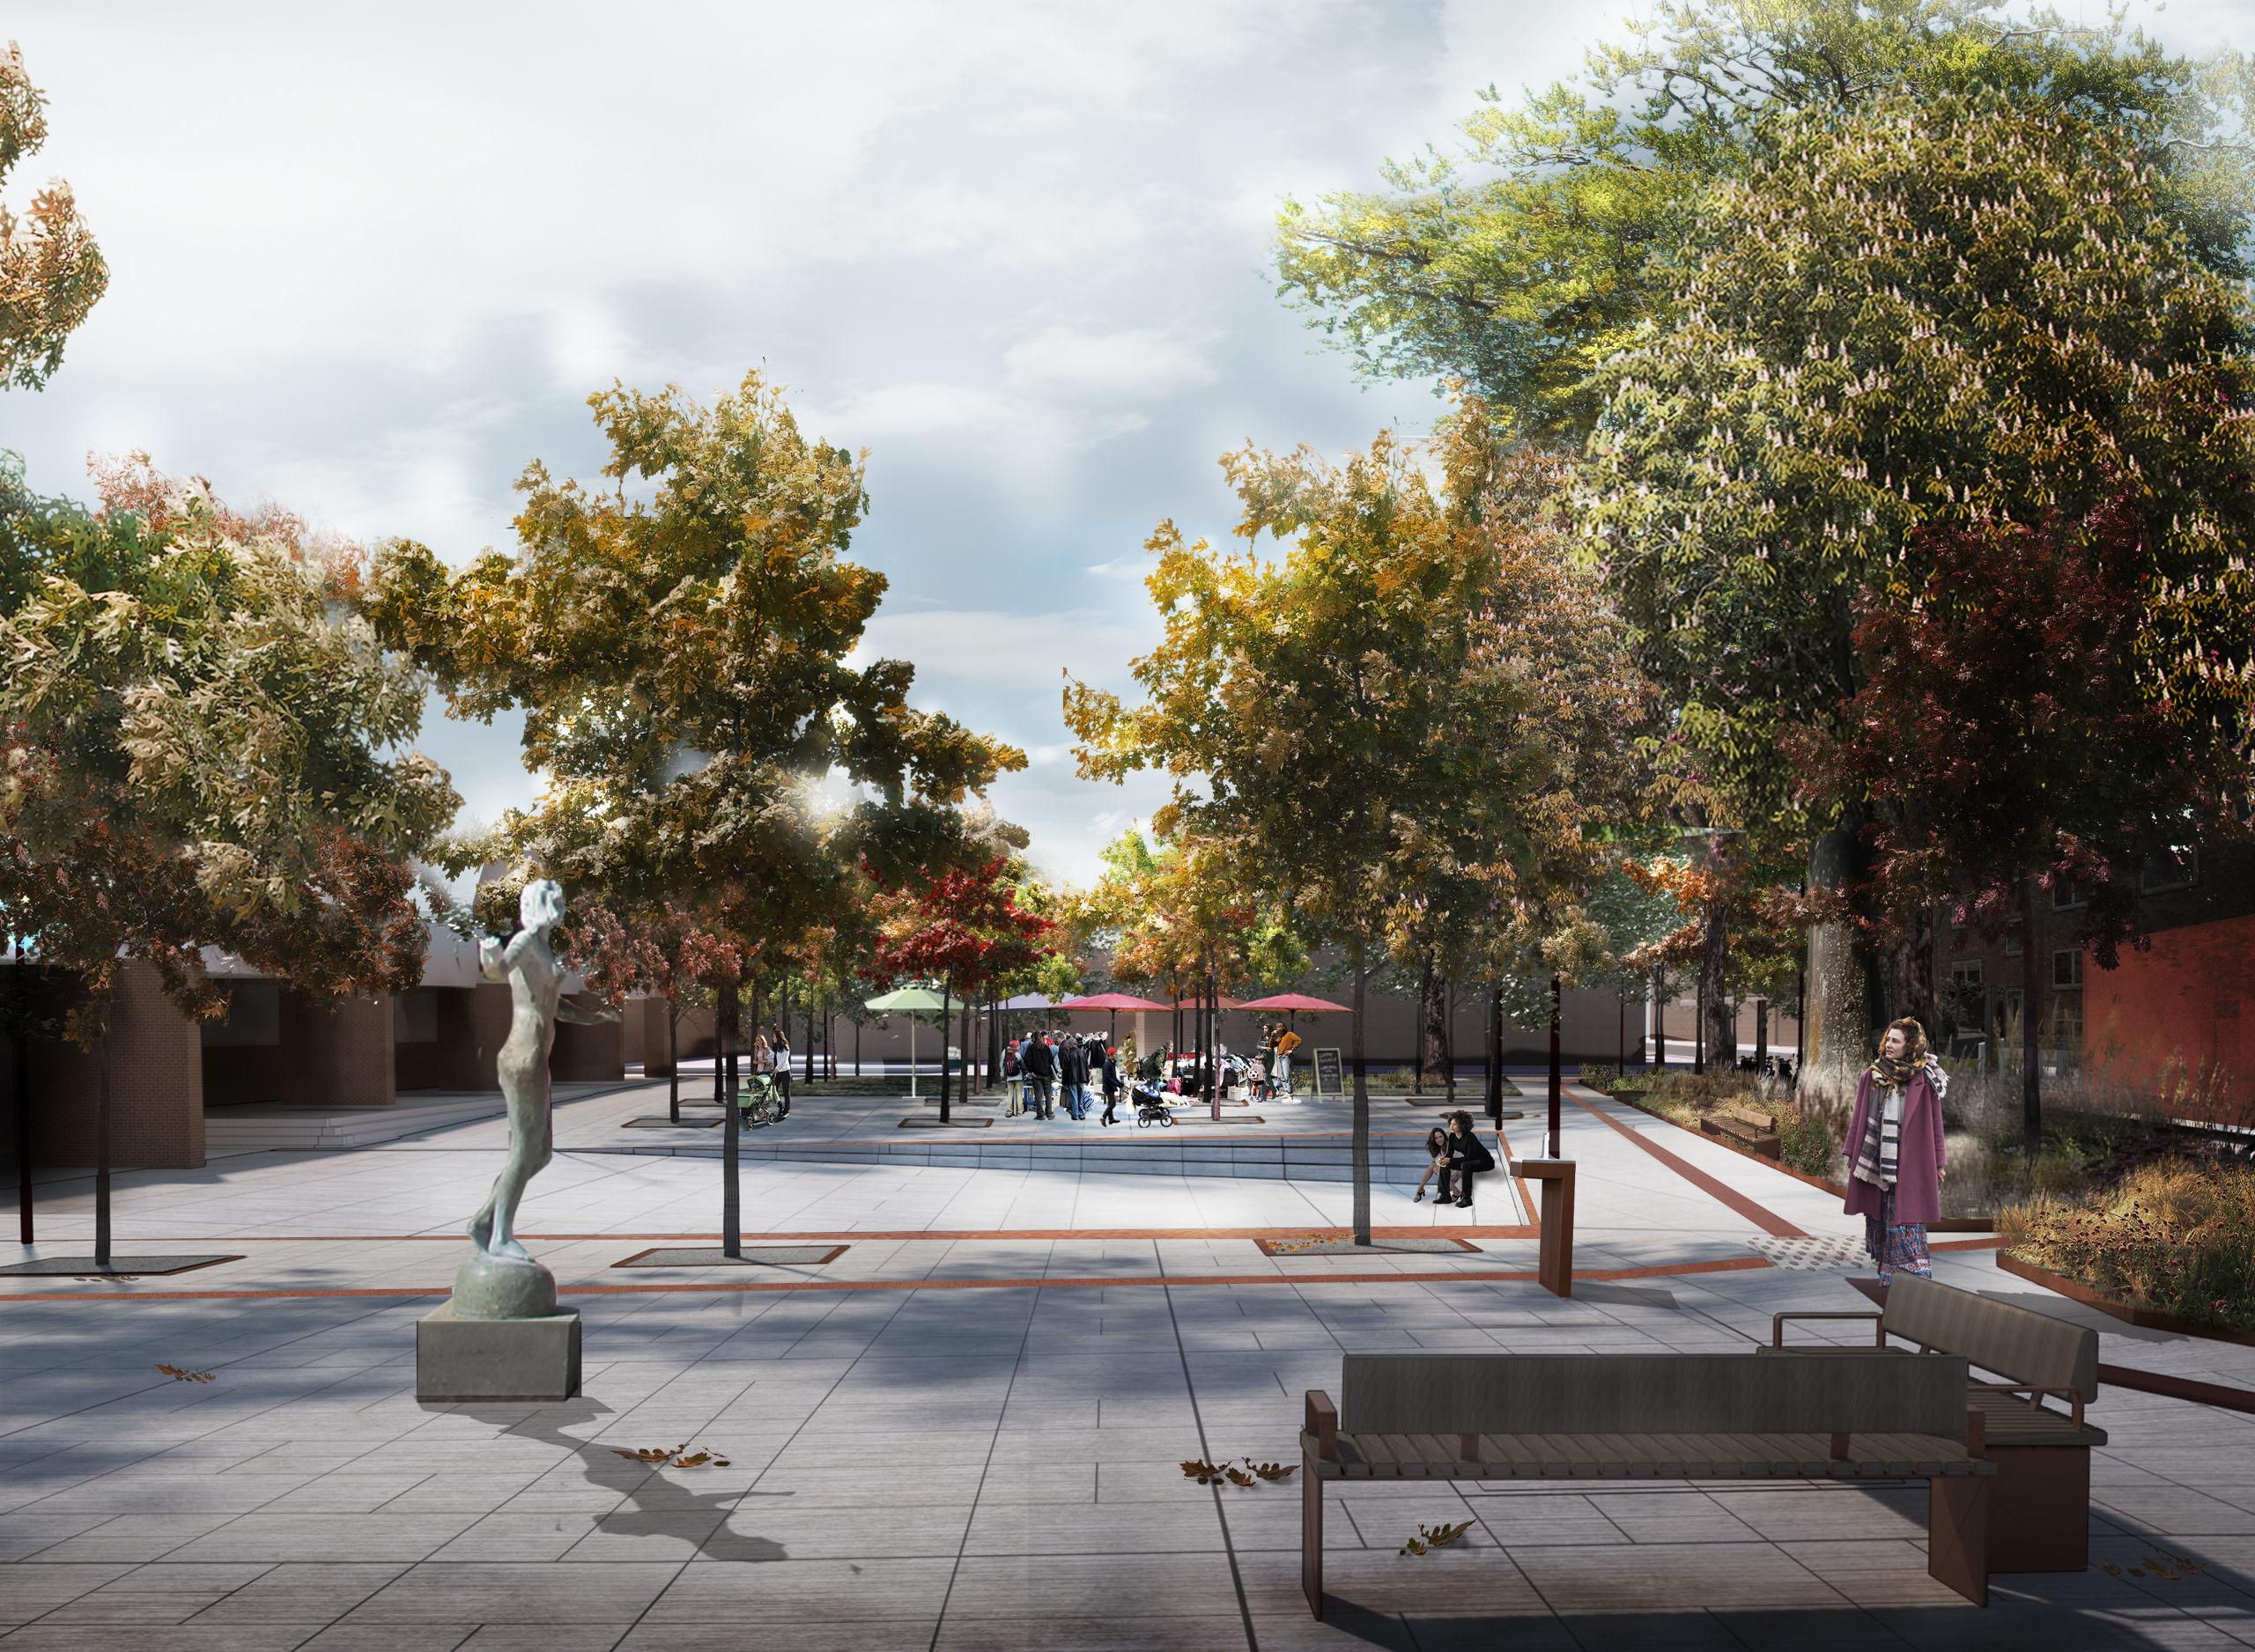 Vestbyen får nyt grønt område: Arbejde med ny station begynder snart